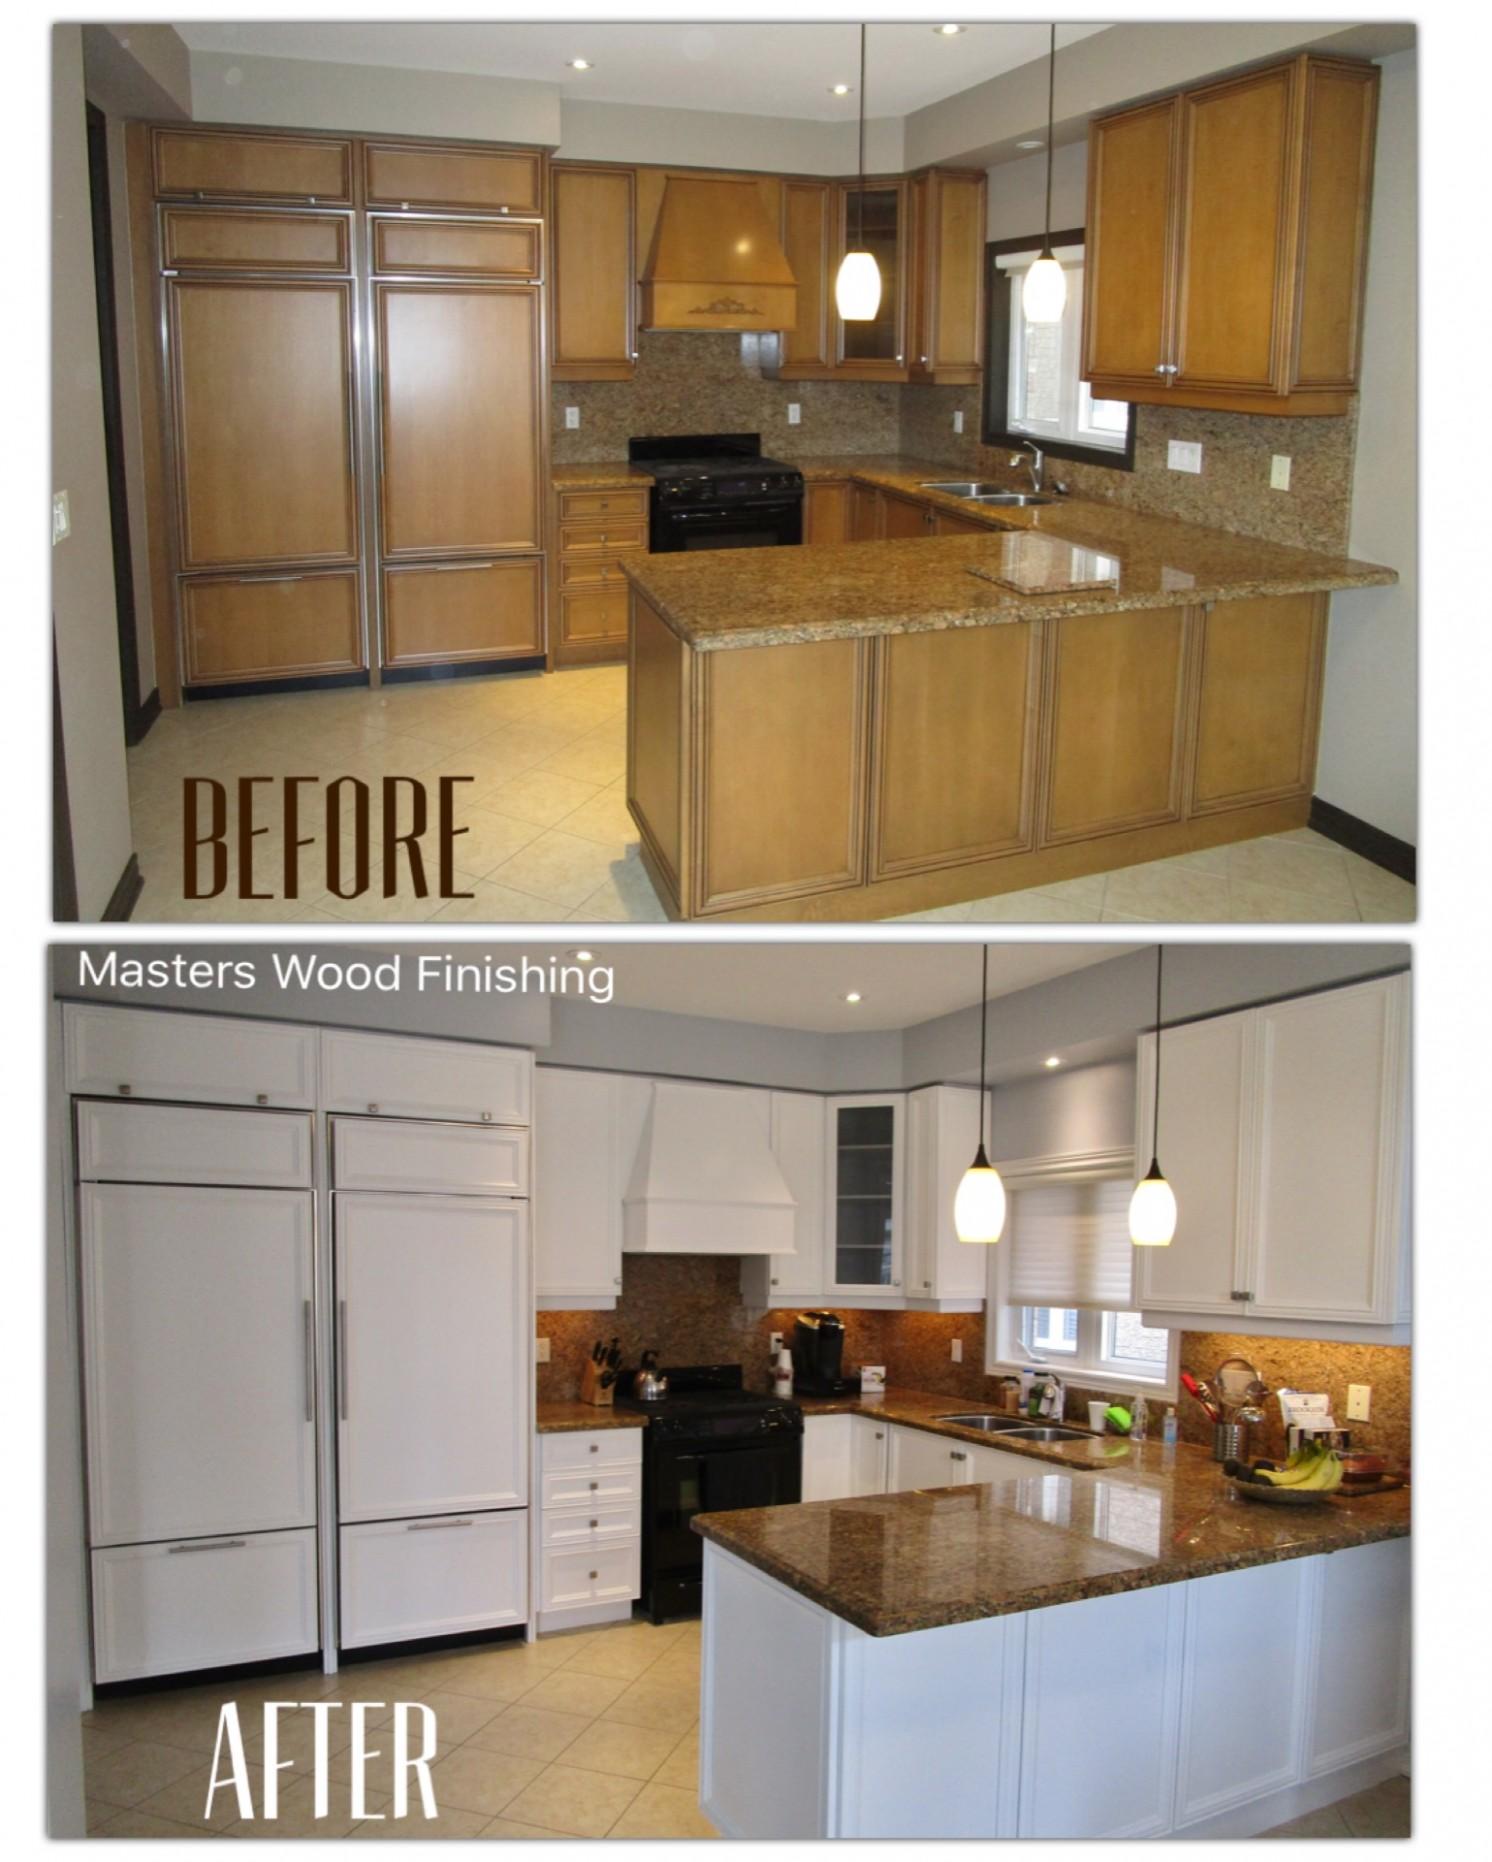 Kitchen Refinishing - Masters Wood Finishing - Kitchen Cabinet Painting Toronto